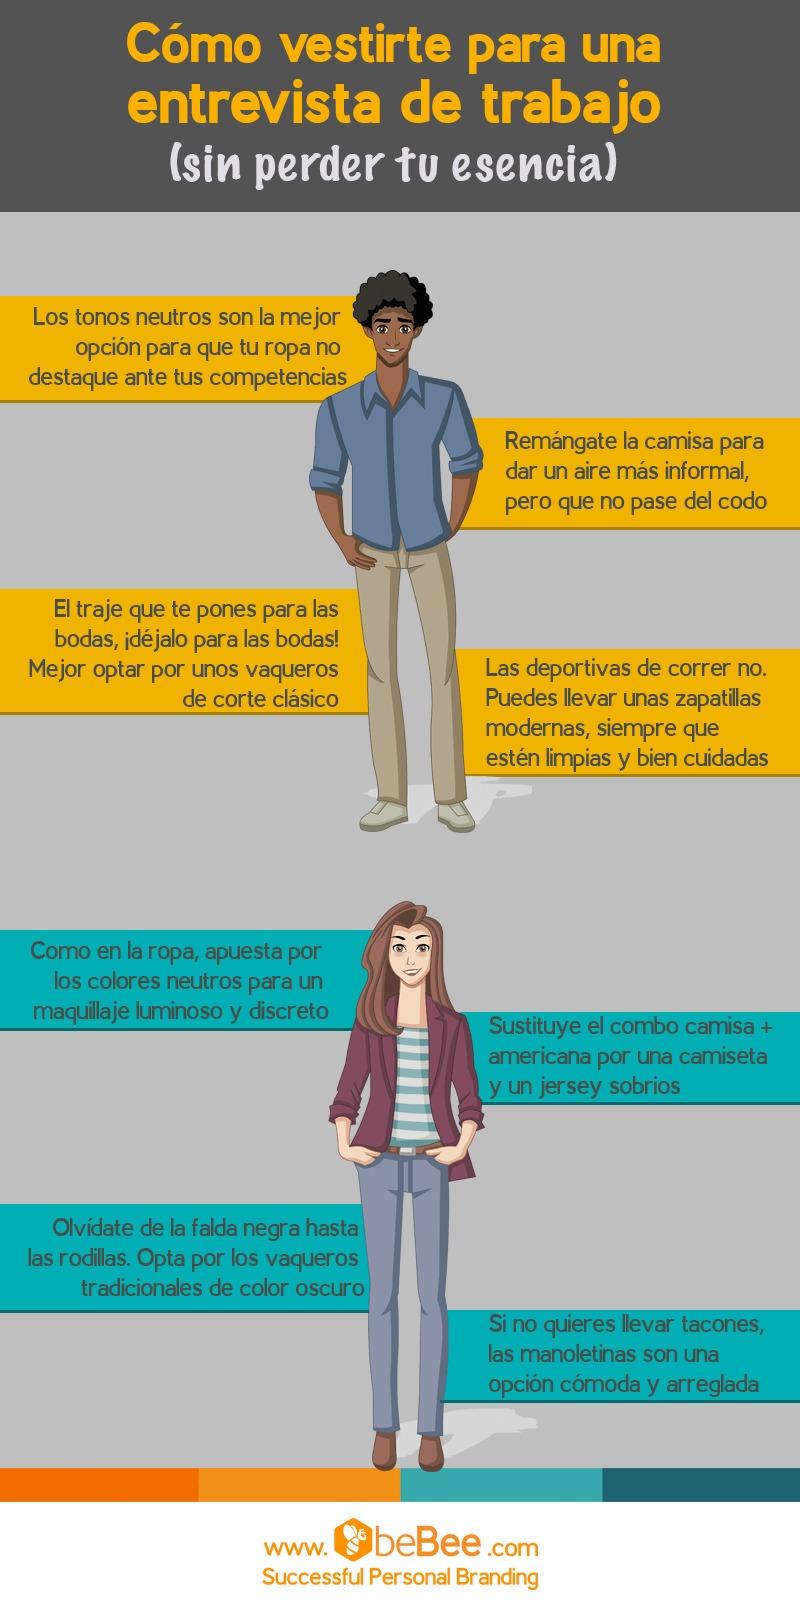 Cómo vestirte para una entrevista de trabajo